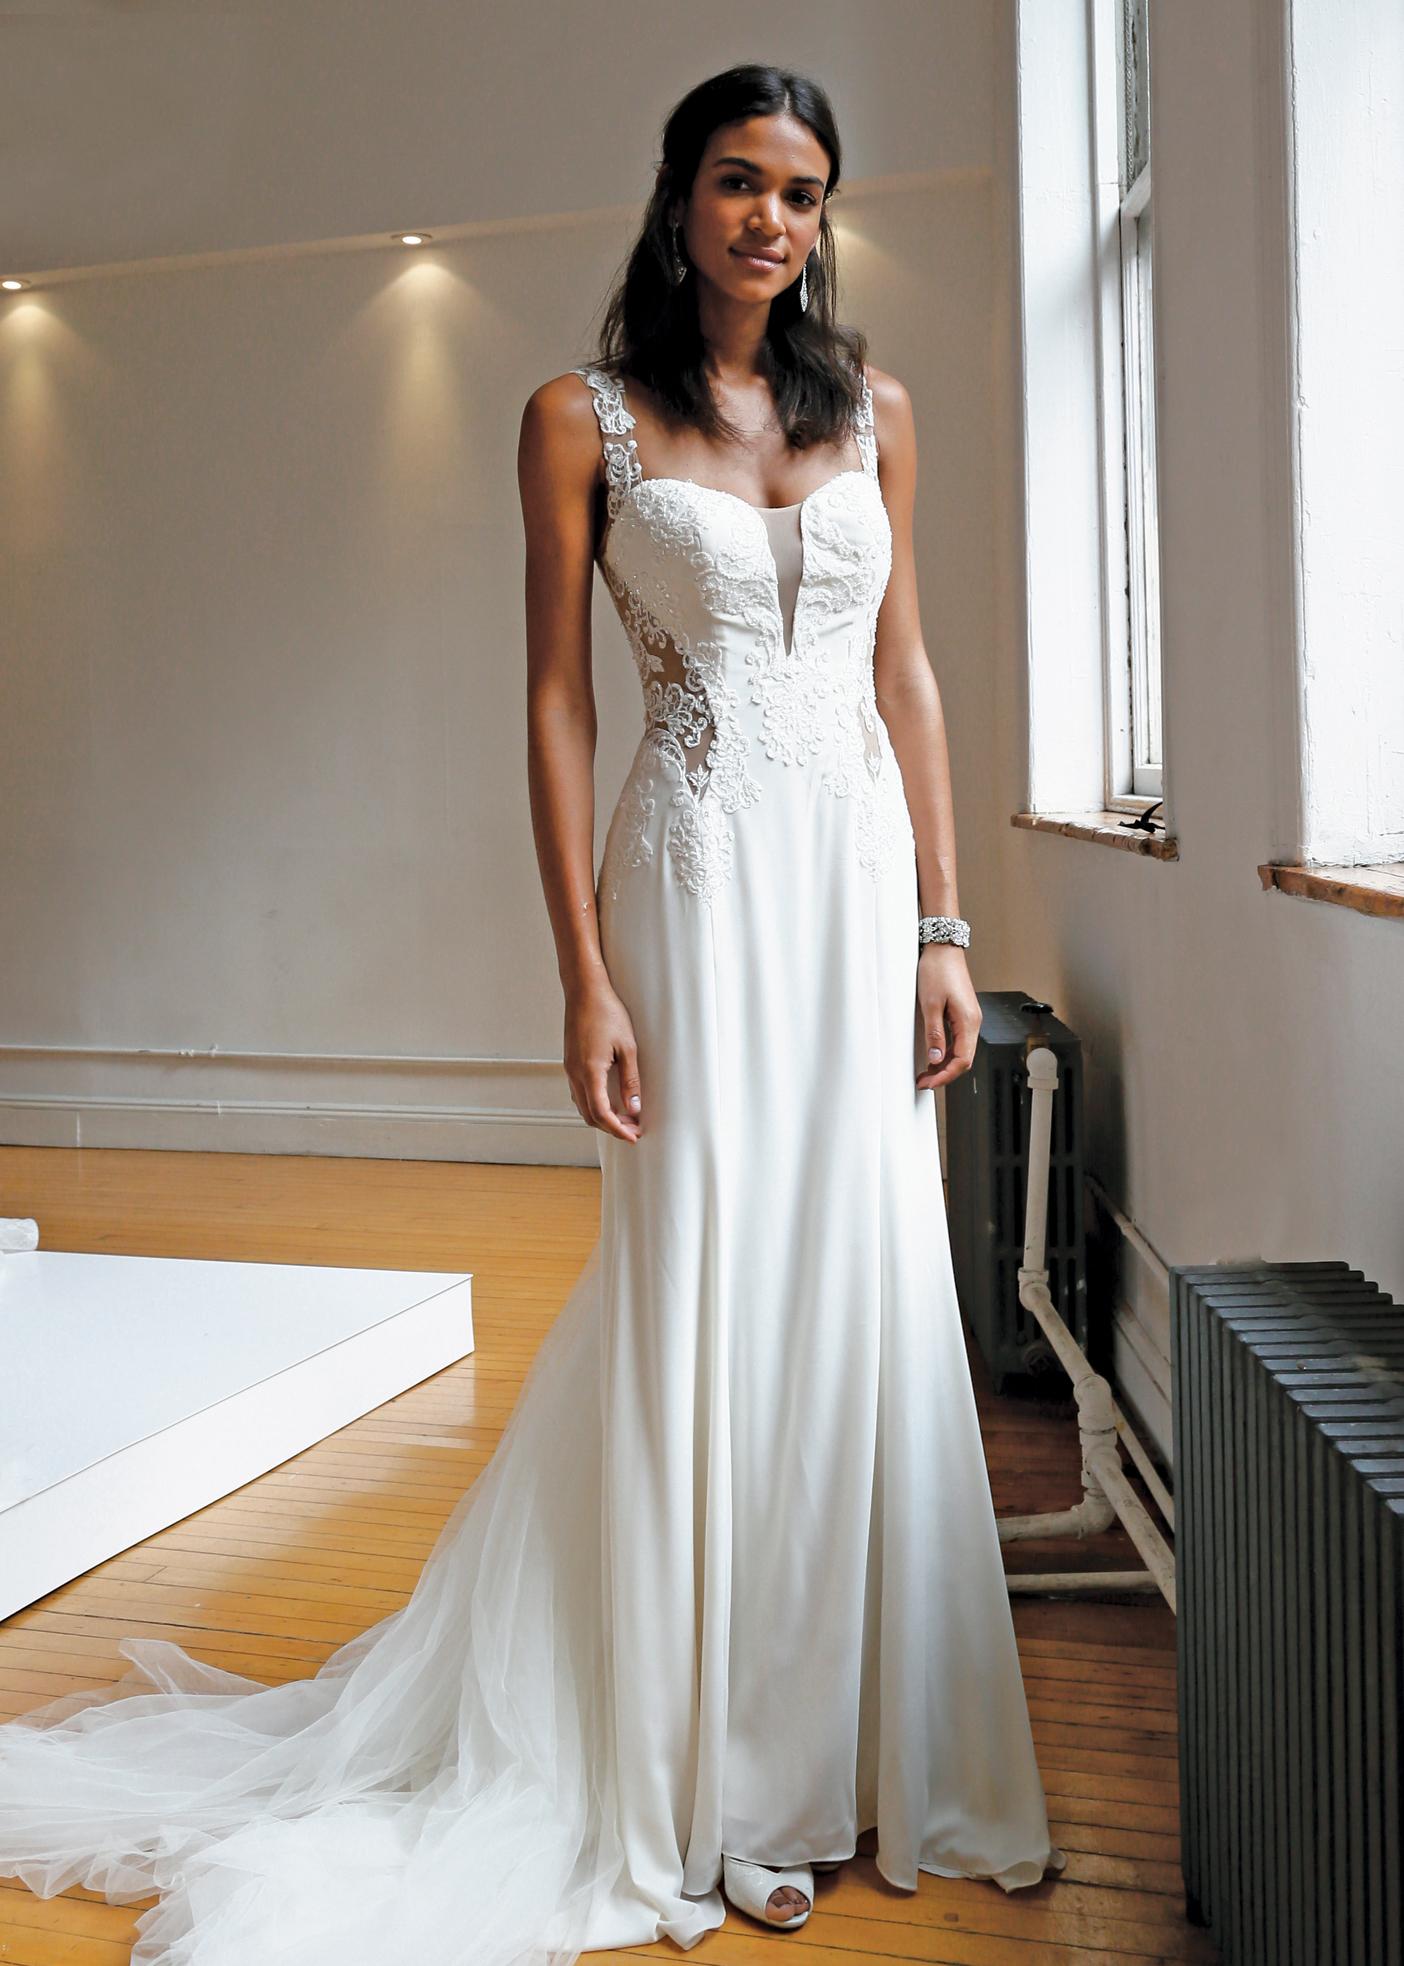 galina signature wedding dress uk galina wedding dresses Ideas About Galina Signature Wedding Gowns On Long Sleeve Sheath With Illusion V Neckline Gown